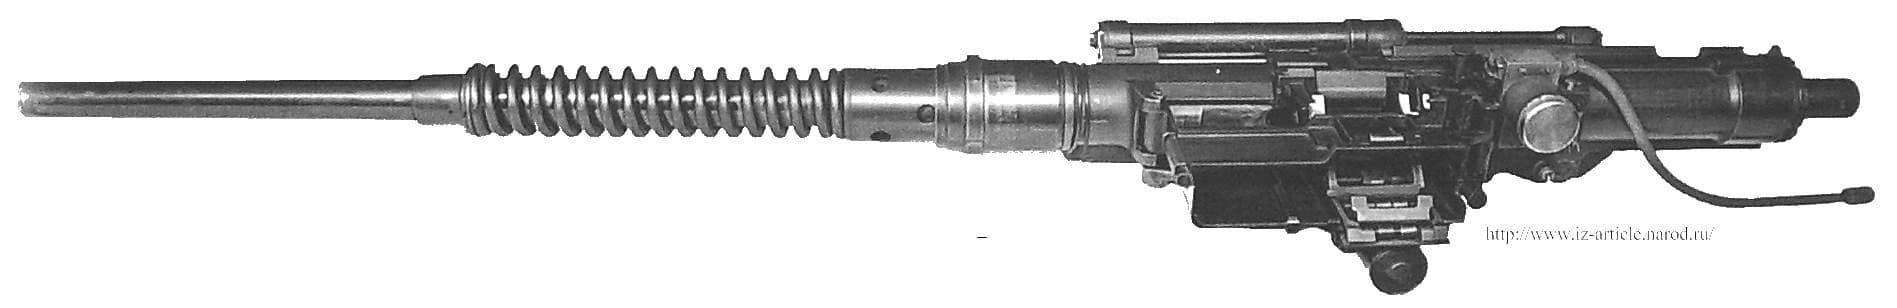 37 мм авиационная пушка Н-37 Нудельмана, оружие Ижевска.